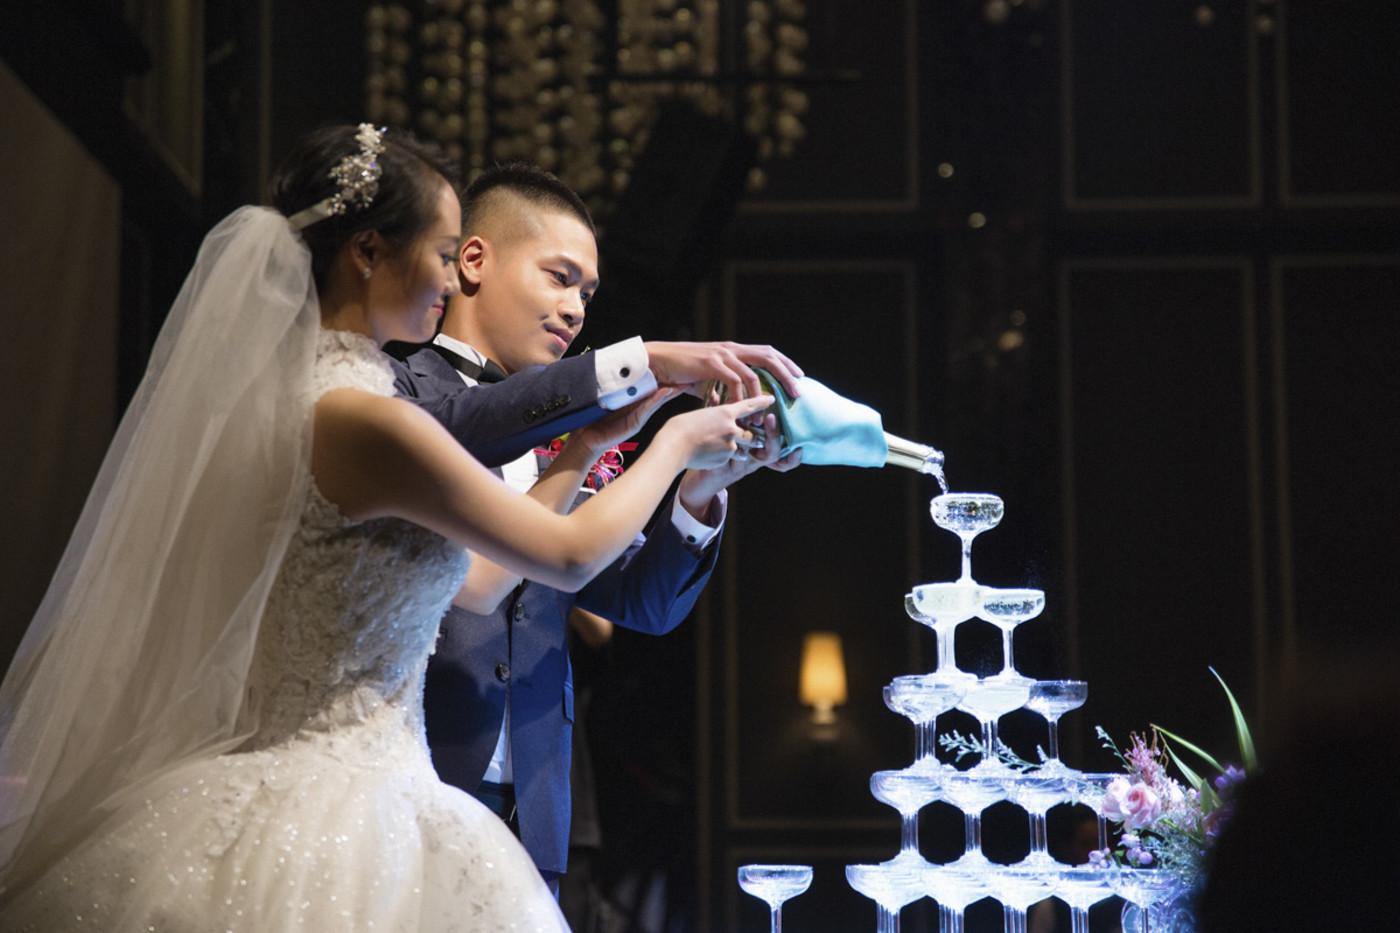 「KAI 婚礼纪实」一场来自宝岛台湾的婚礼37